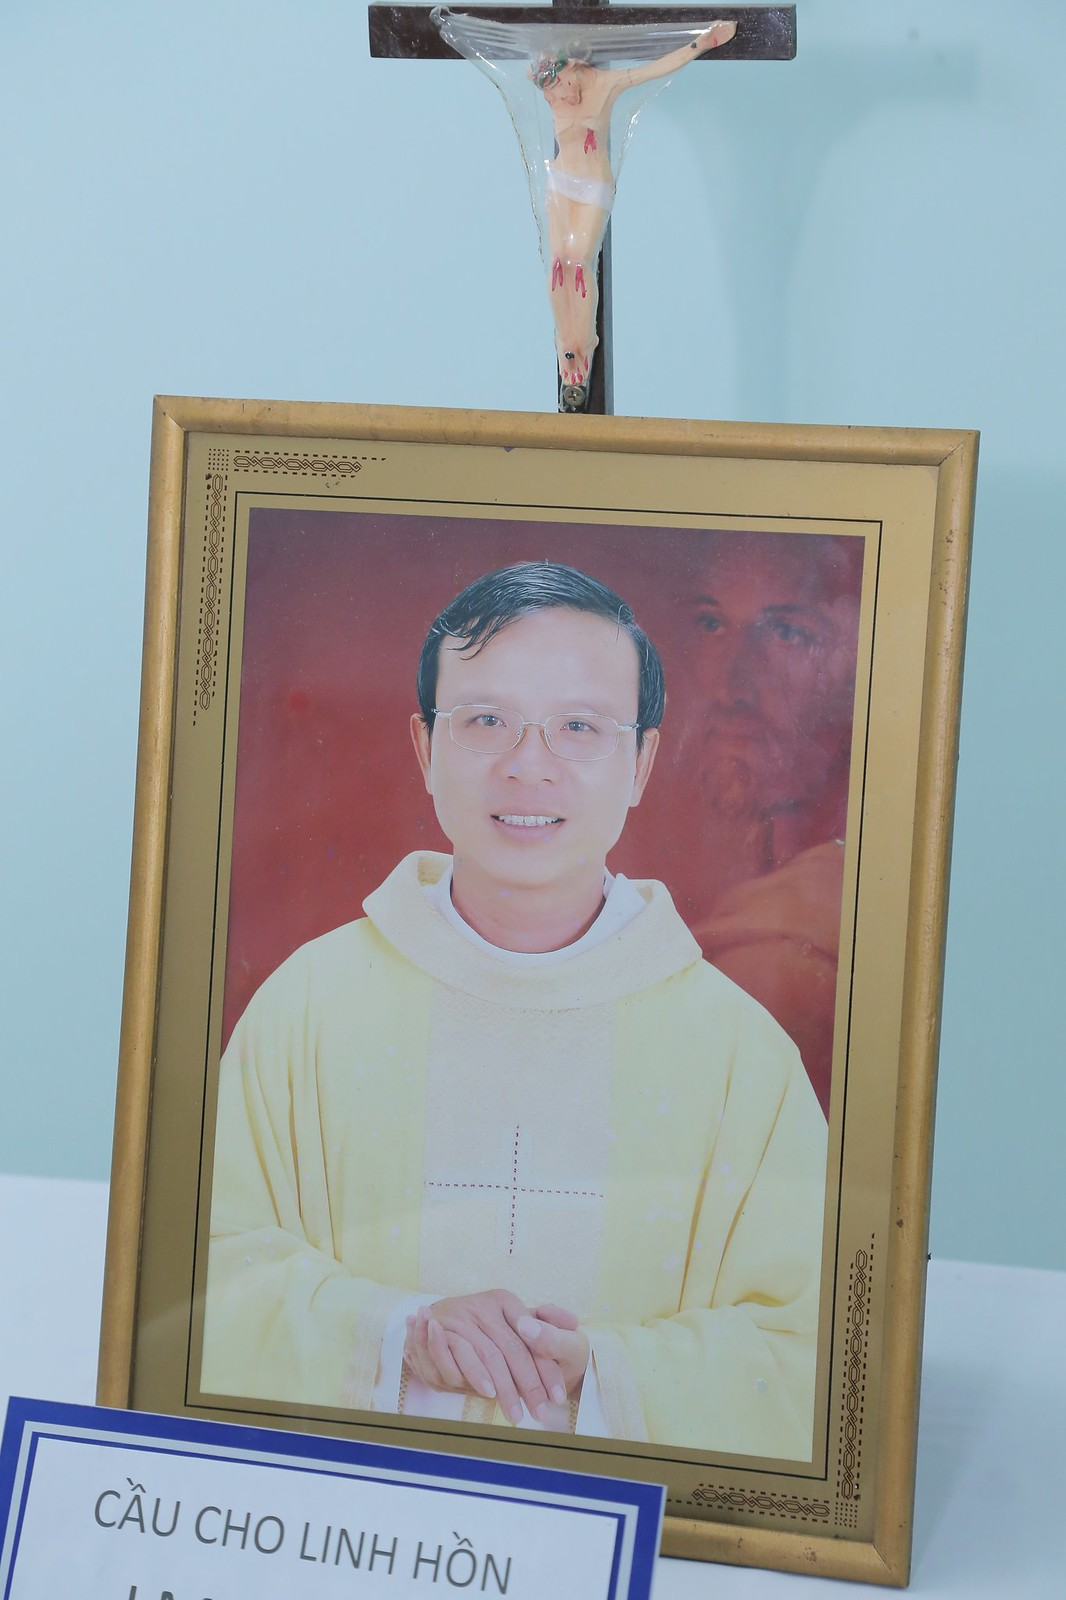 Cầu nguyện cho linh hồn Cha Giuse Đặng Đình An, Cha qua đời vì tai nạn giao thông - Ảnh minh hoạ 9